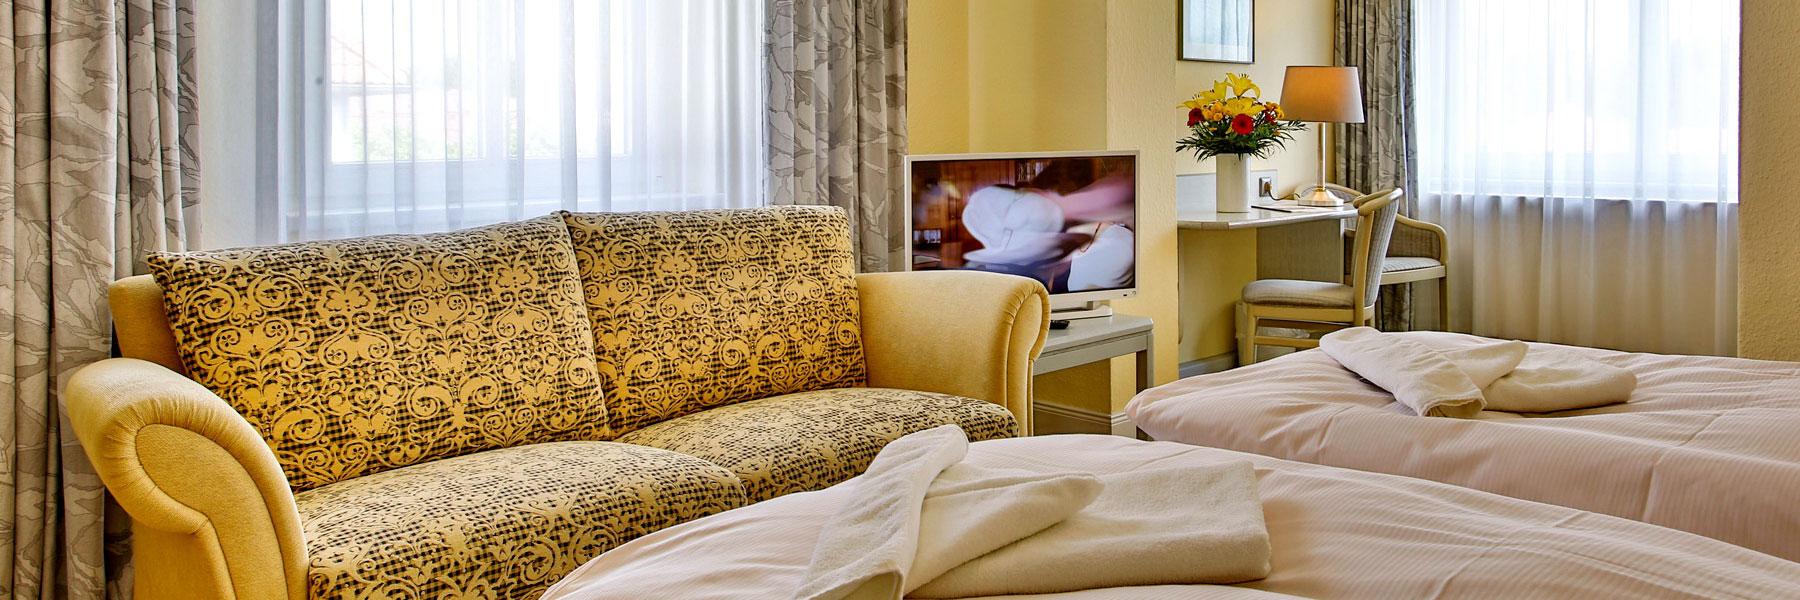 Doppelzimmer - Villa Edda (Hotel Garni - Ferienwohnungen - Appartements)